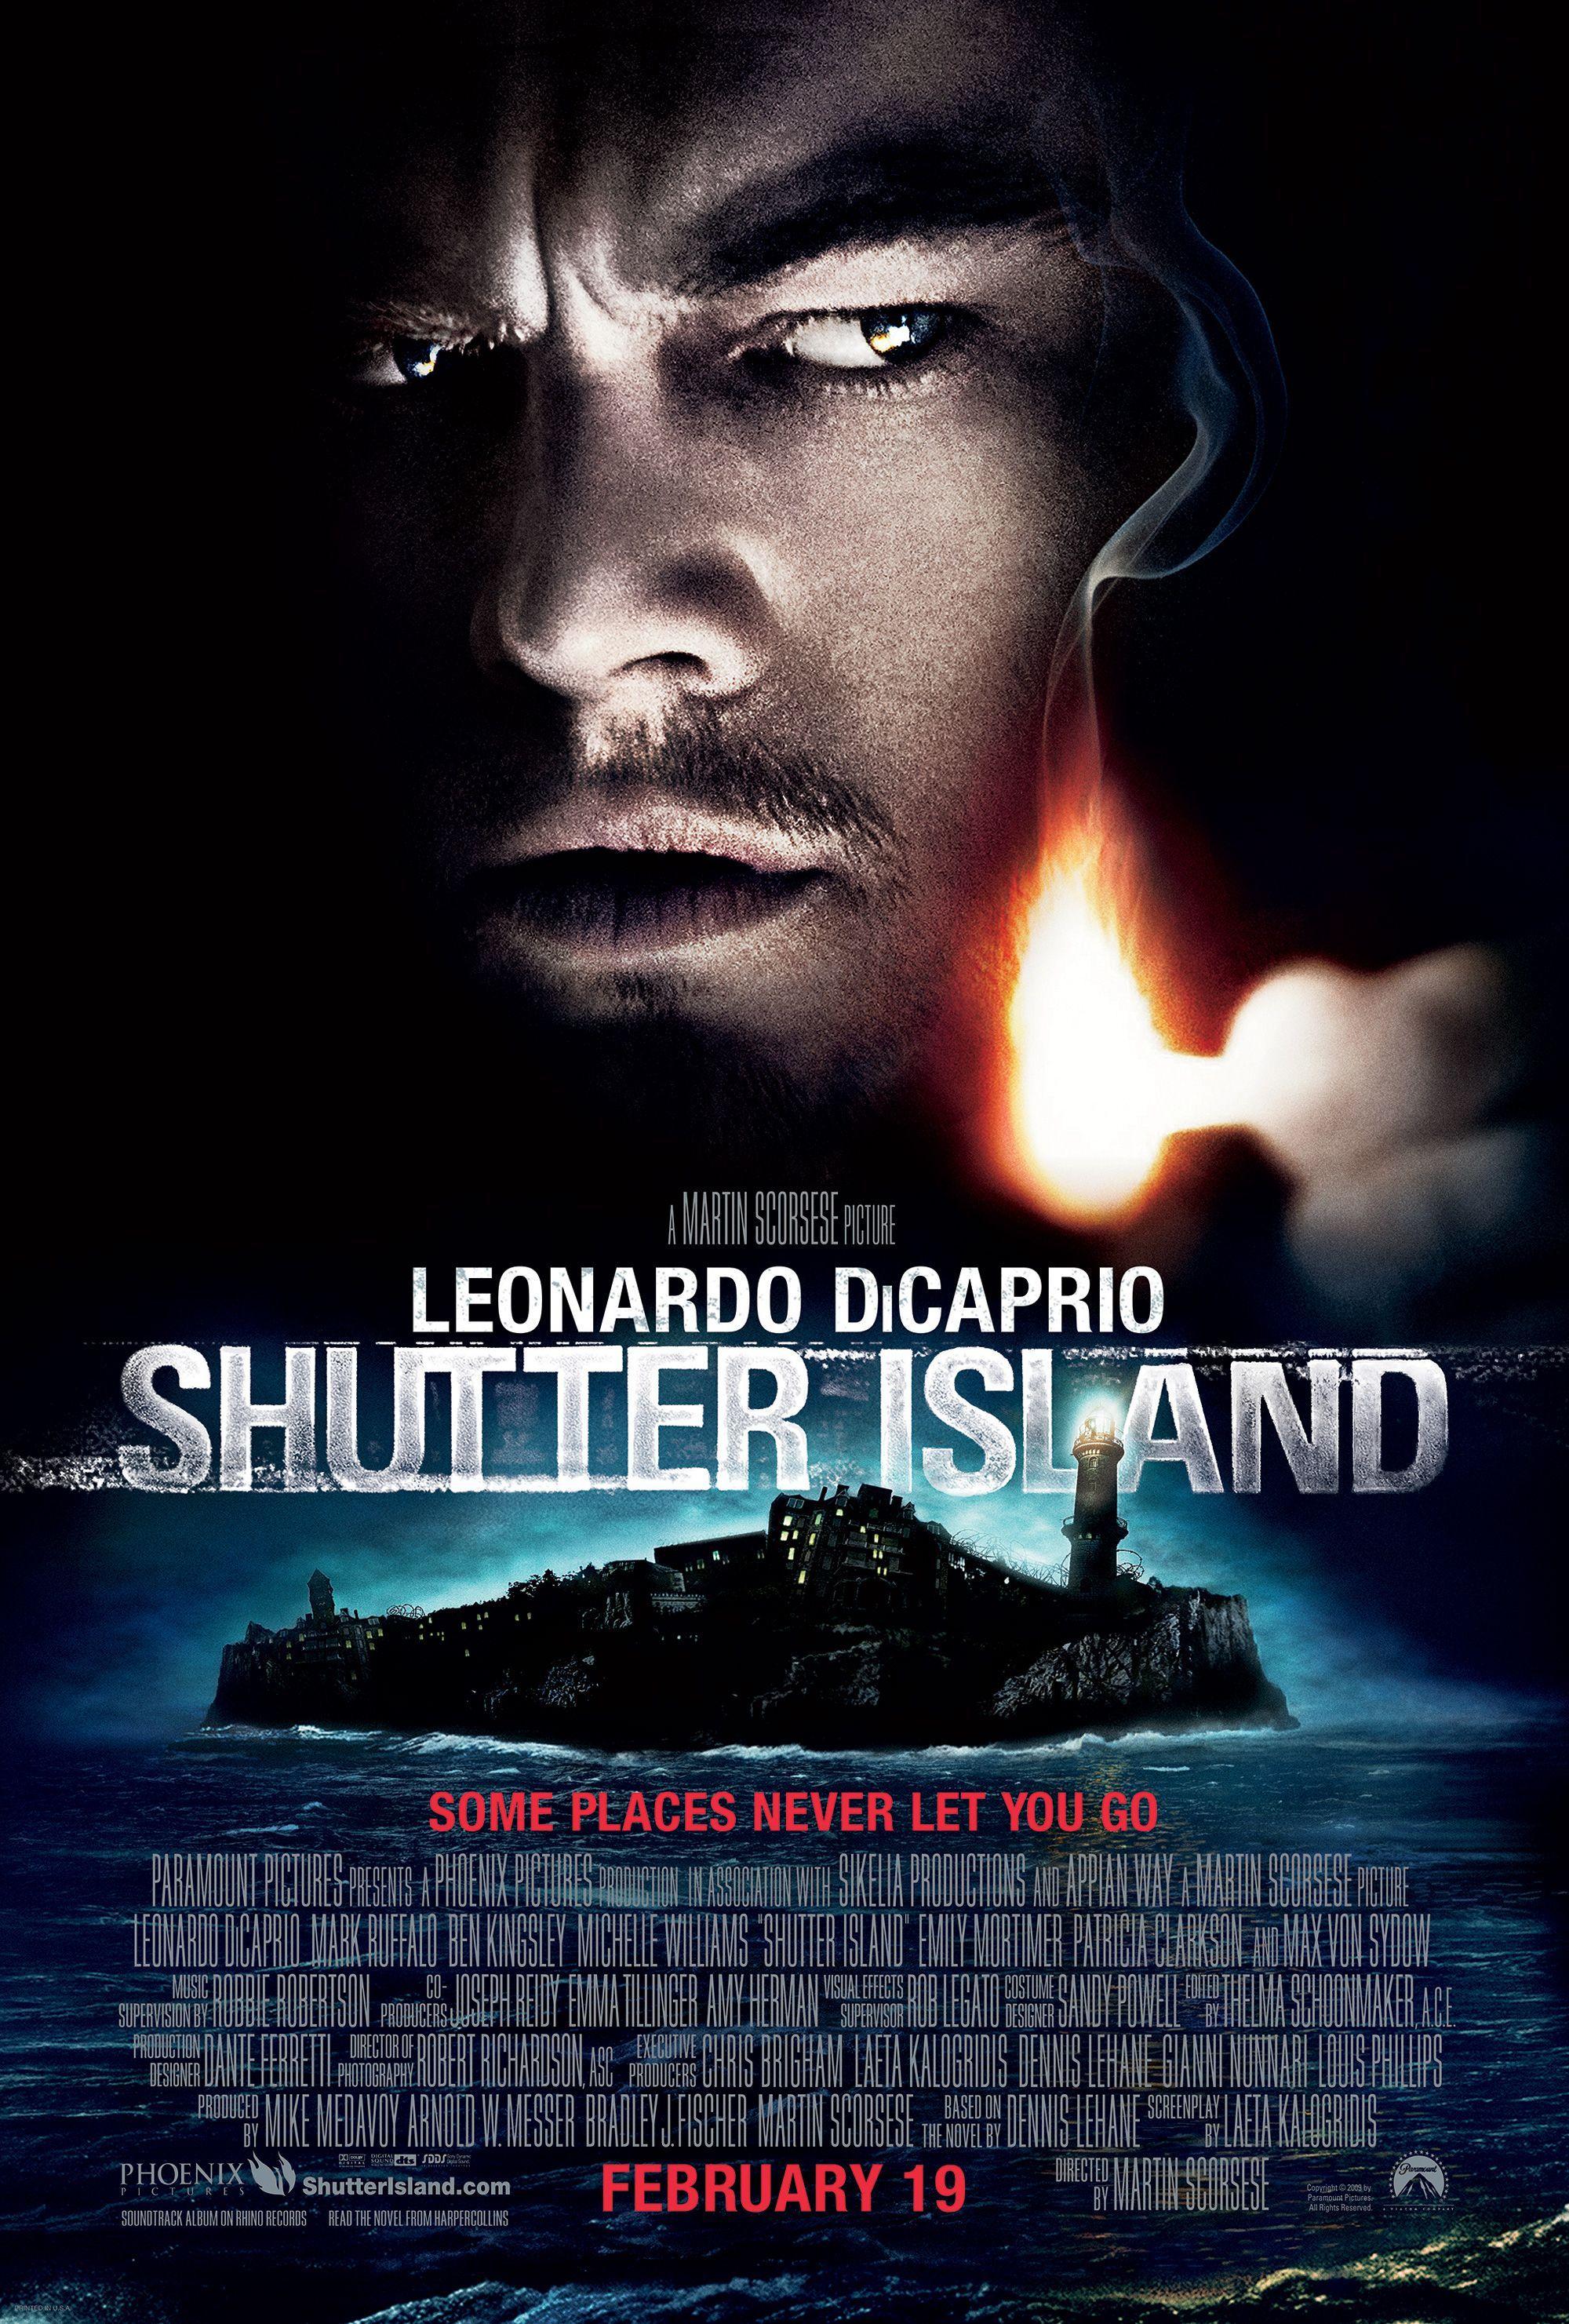 Shutter Island 2010 Peliculas Completas Peliculas Peliculas De Suspense